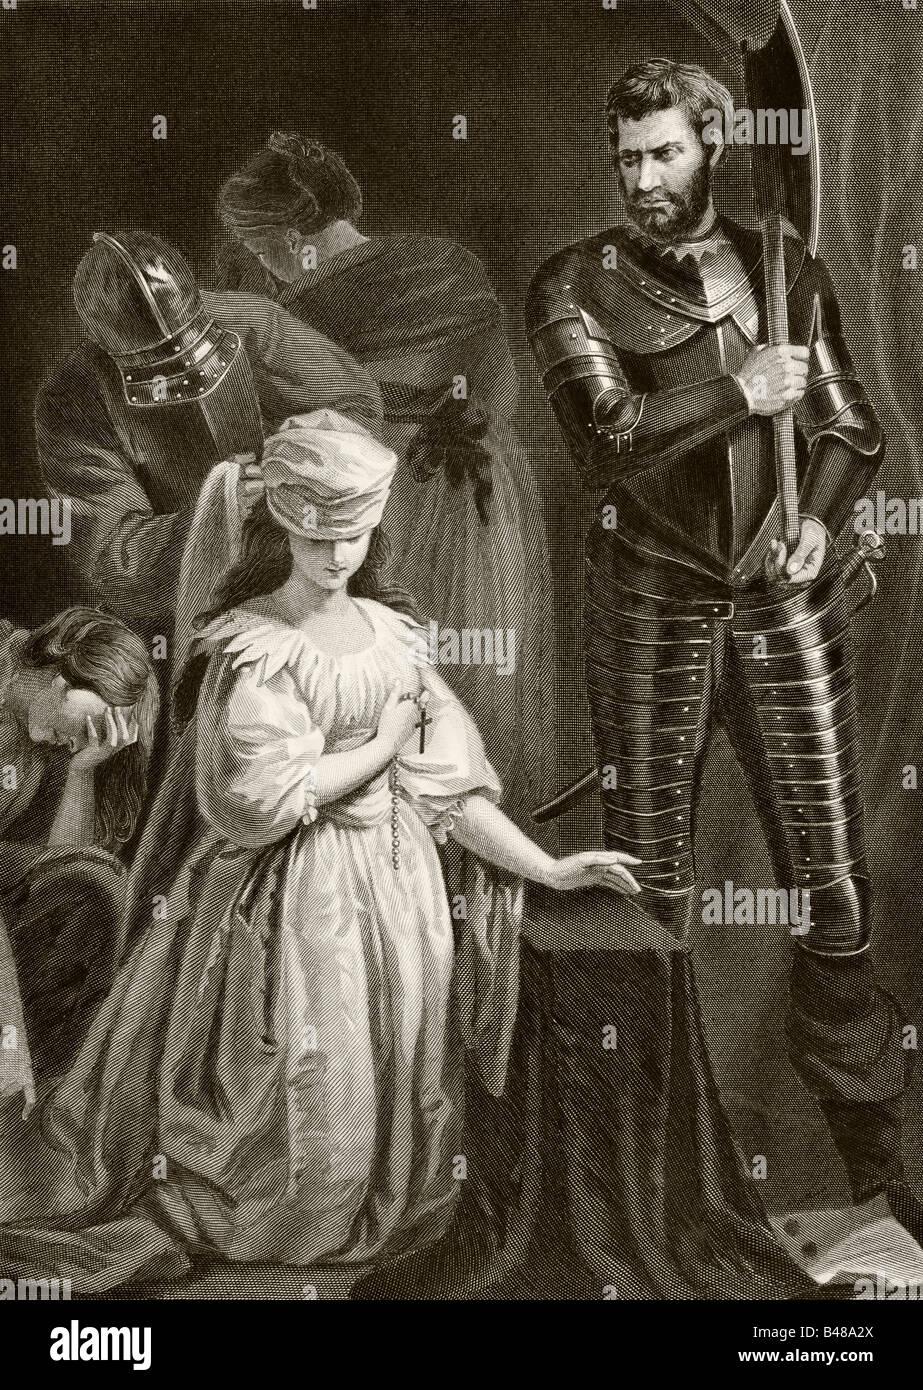 Esecuzione di Maria Regina di Scozia, 8 febbraio 1587 Immagini Stock